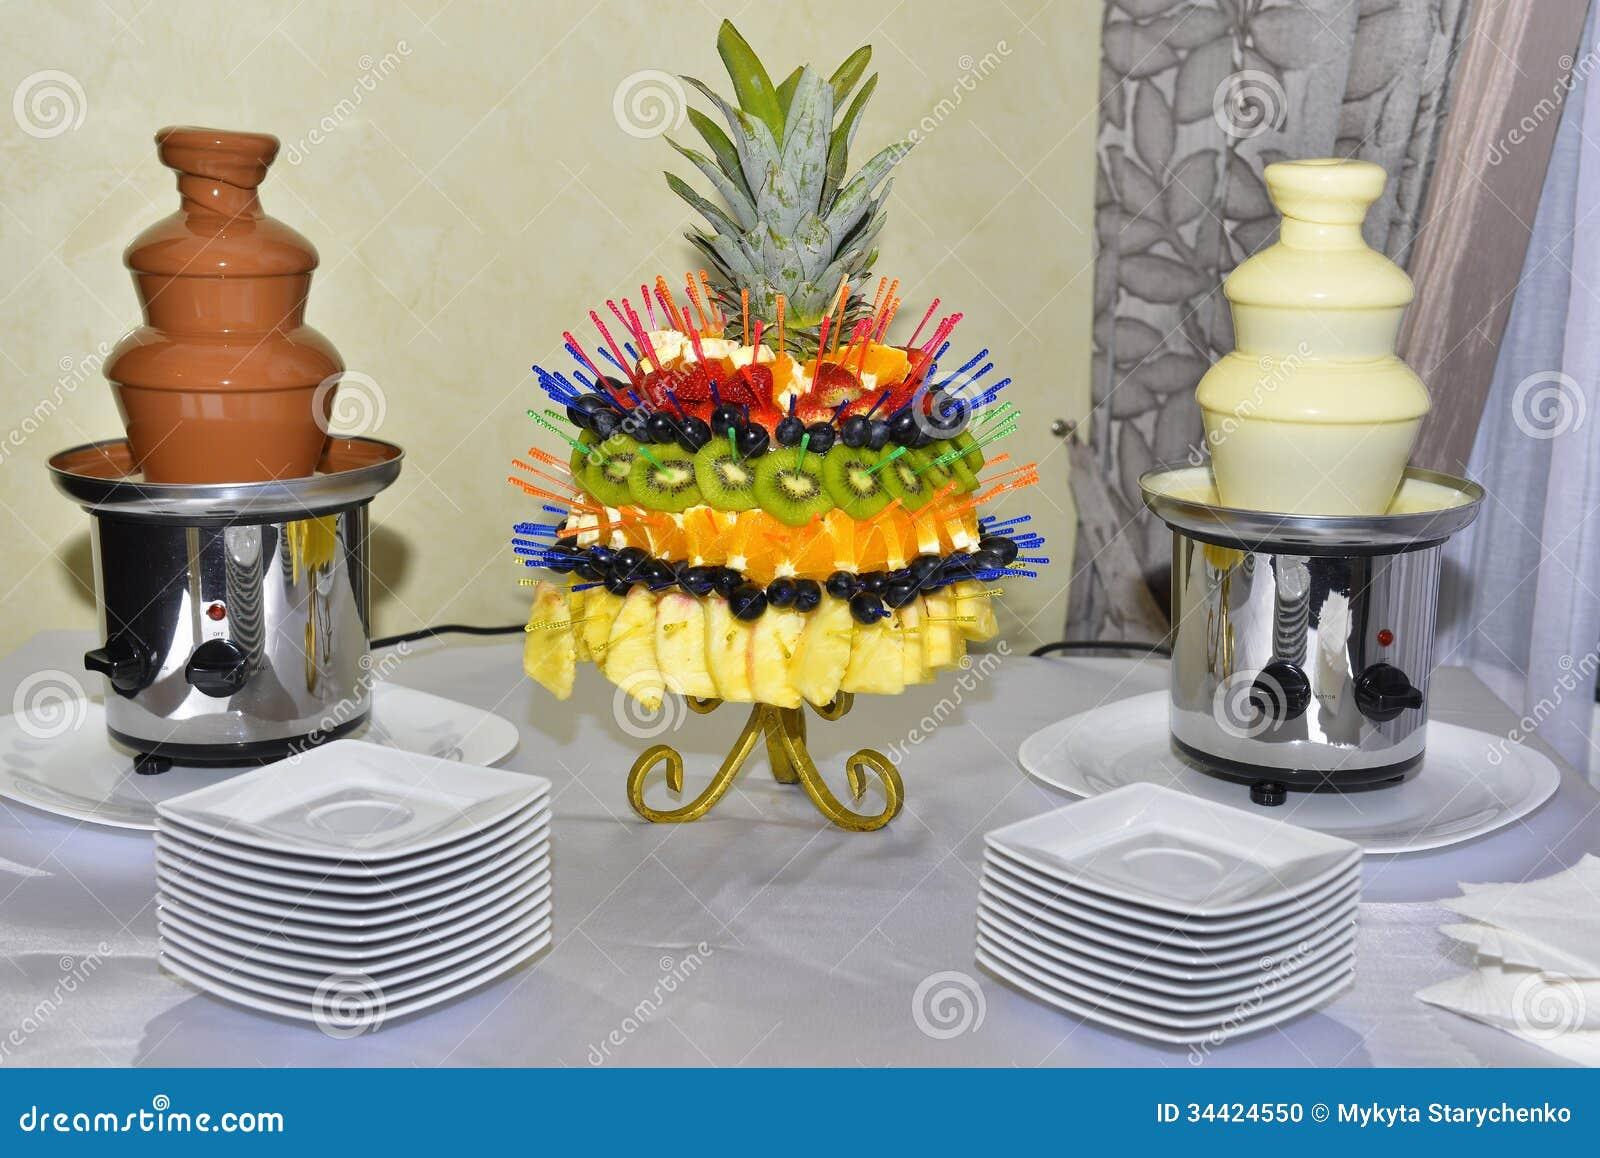 Schokoladenbrunnen Mit Früchten Auf Dem Tisch Stockfoto ...